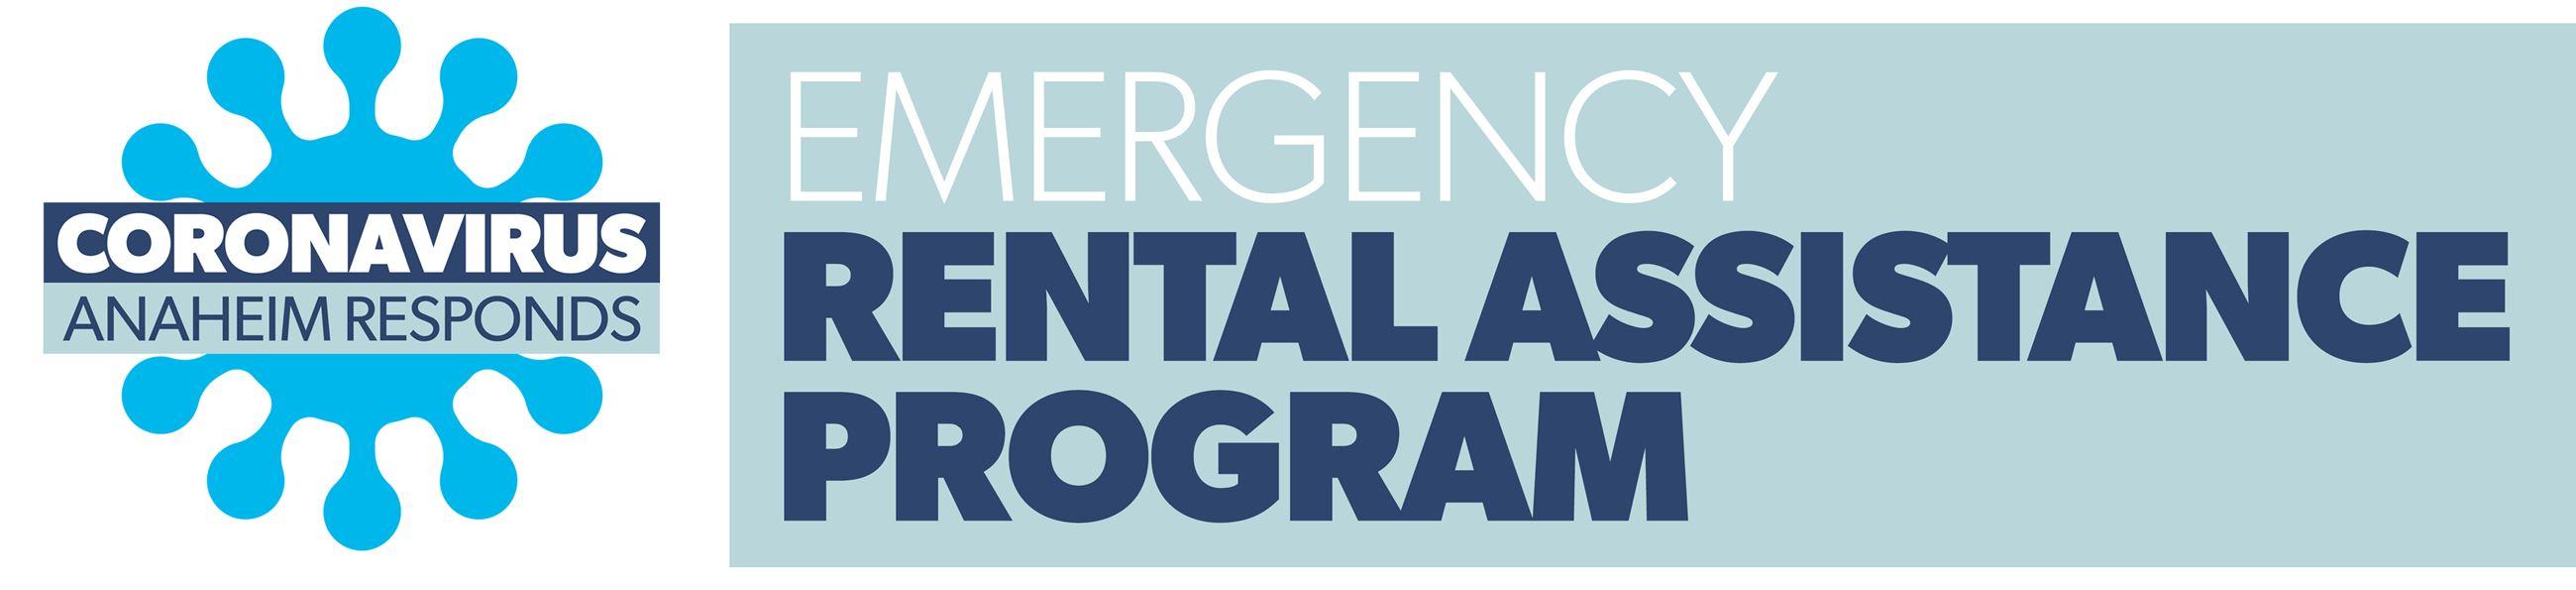 Emergency Rental Assistance Program Anaheim Ca Official Website